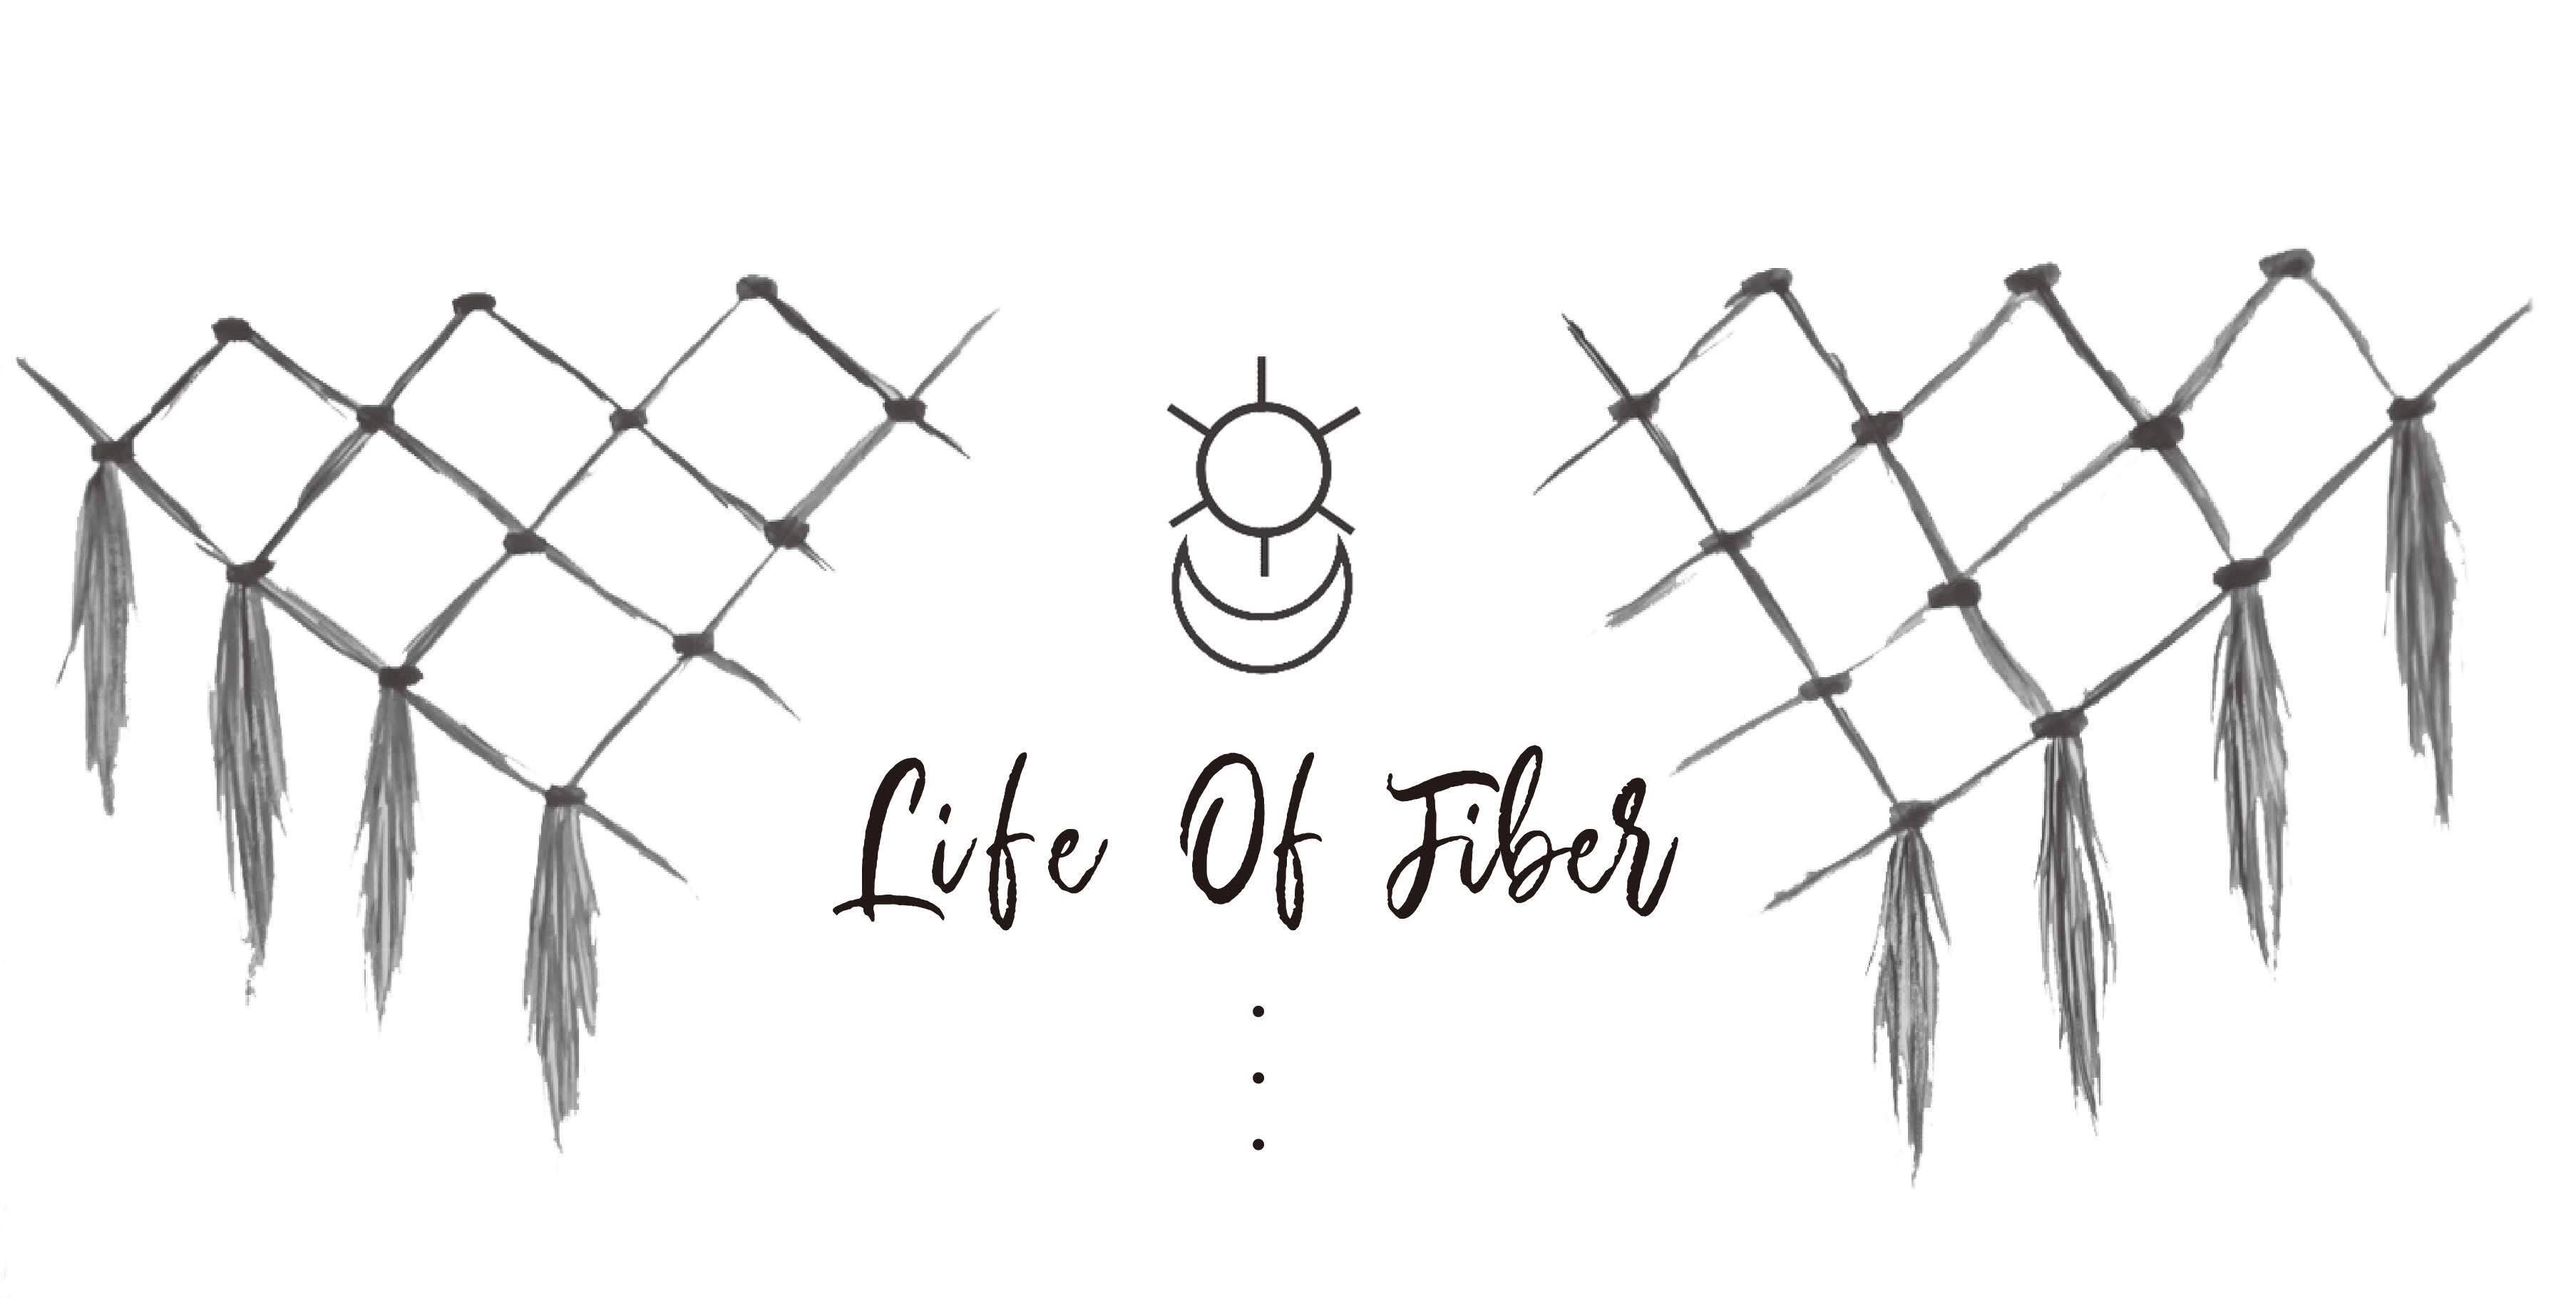 Life Of Fiber